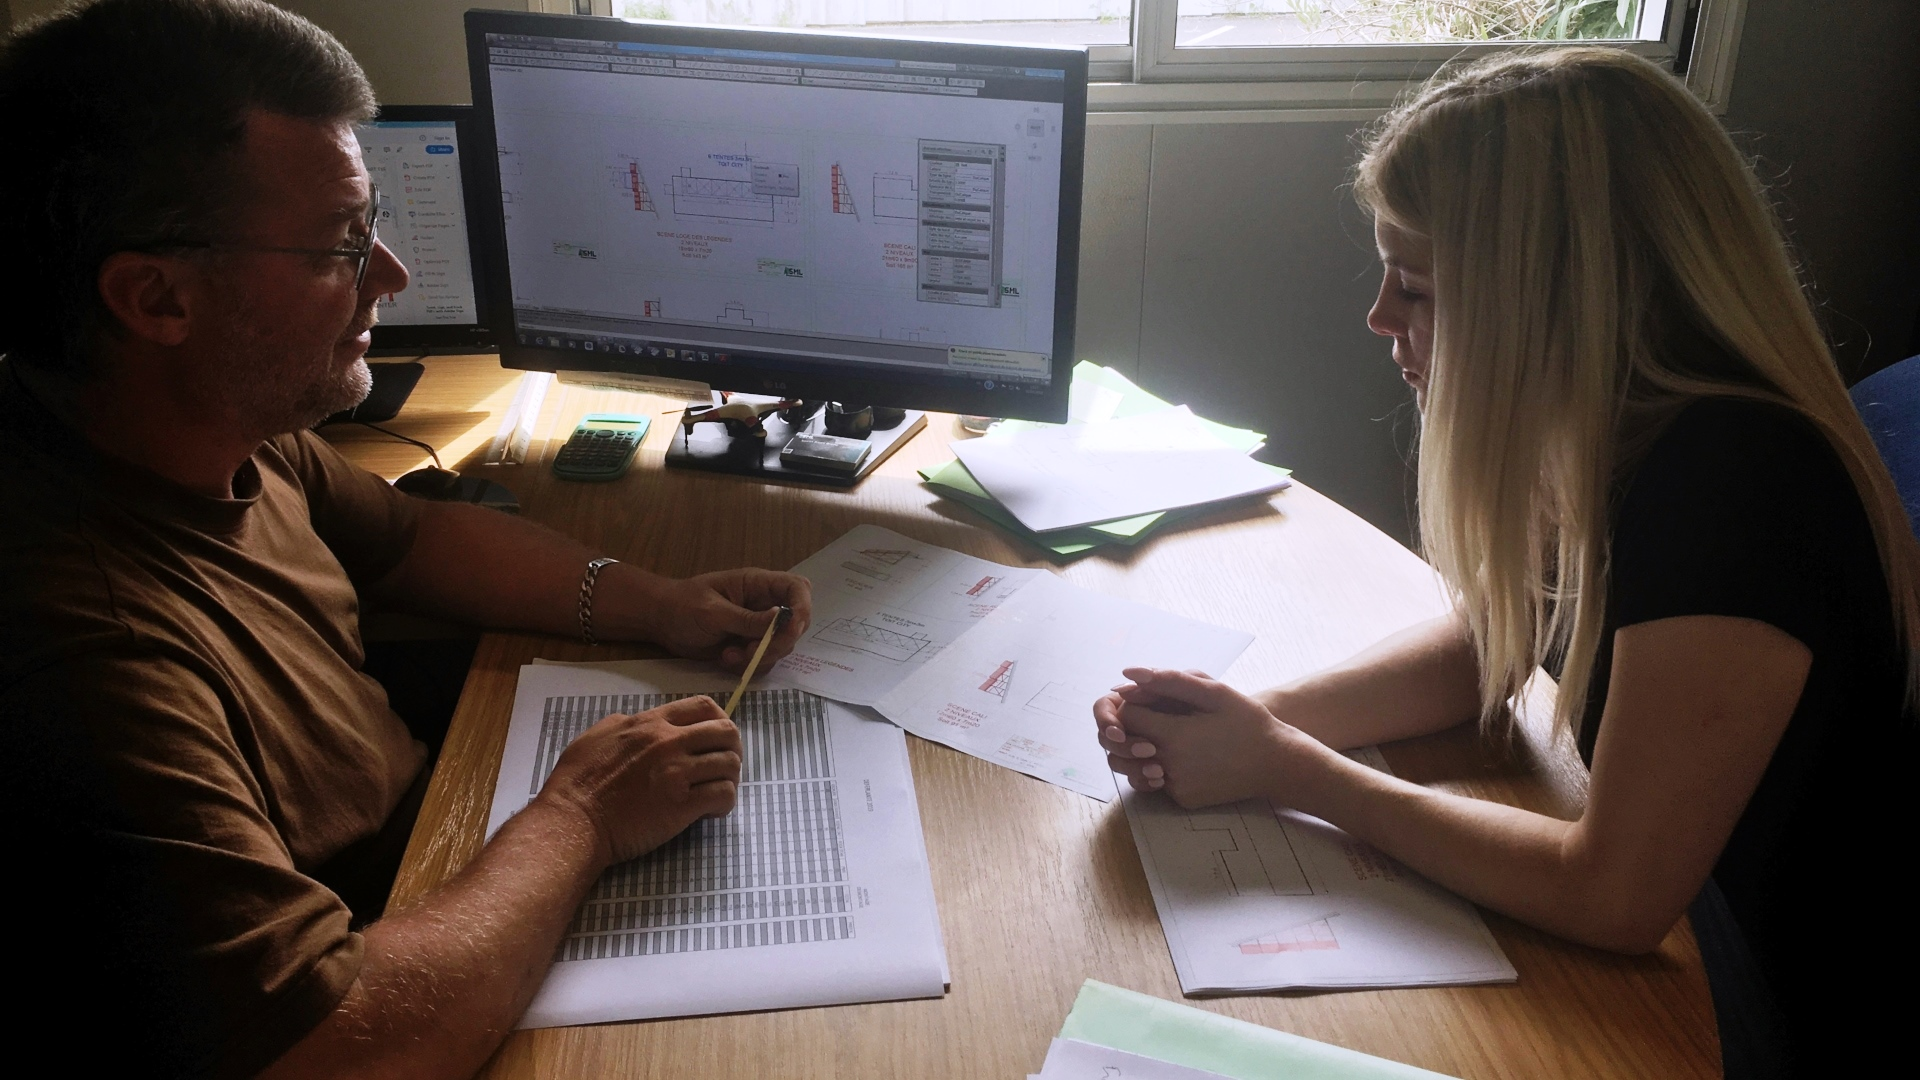 SML bureau d'etude integre plan de fabrication plan 2d etude sur mesure